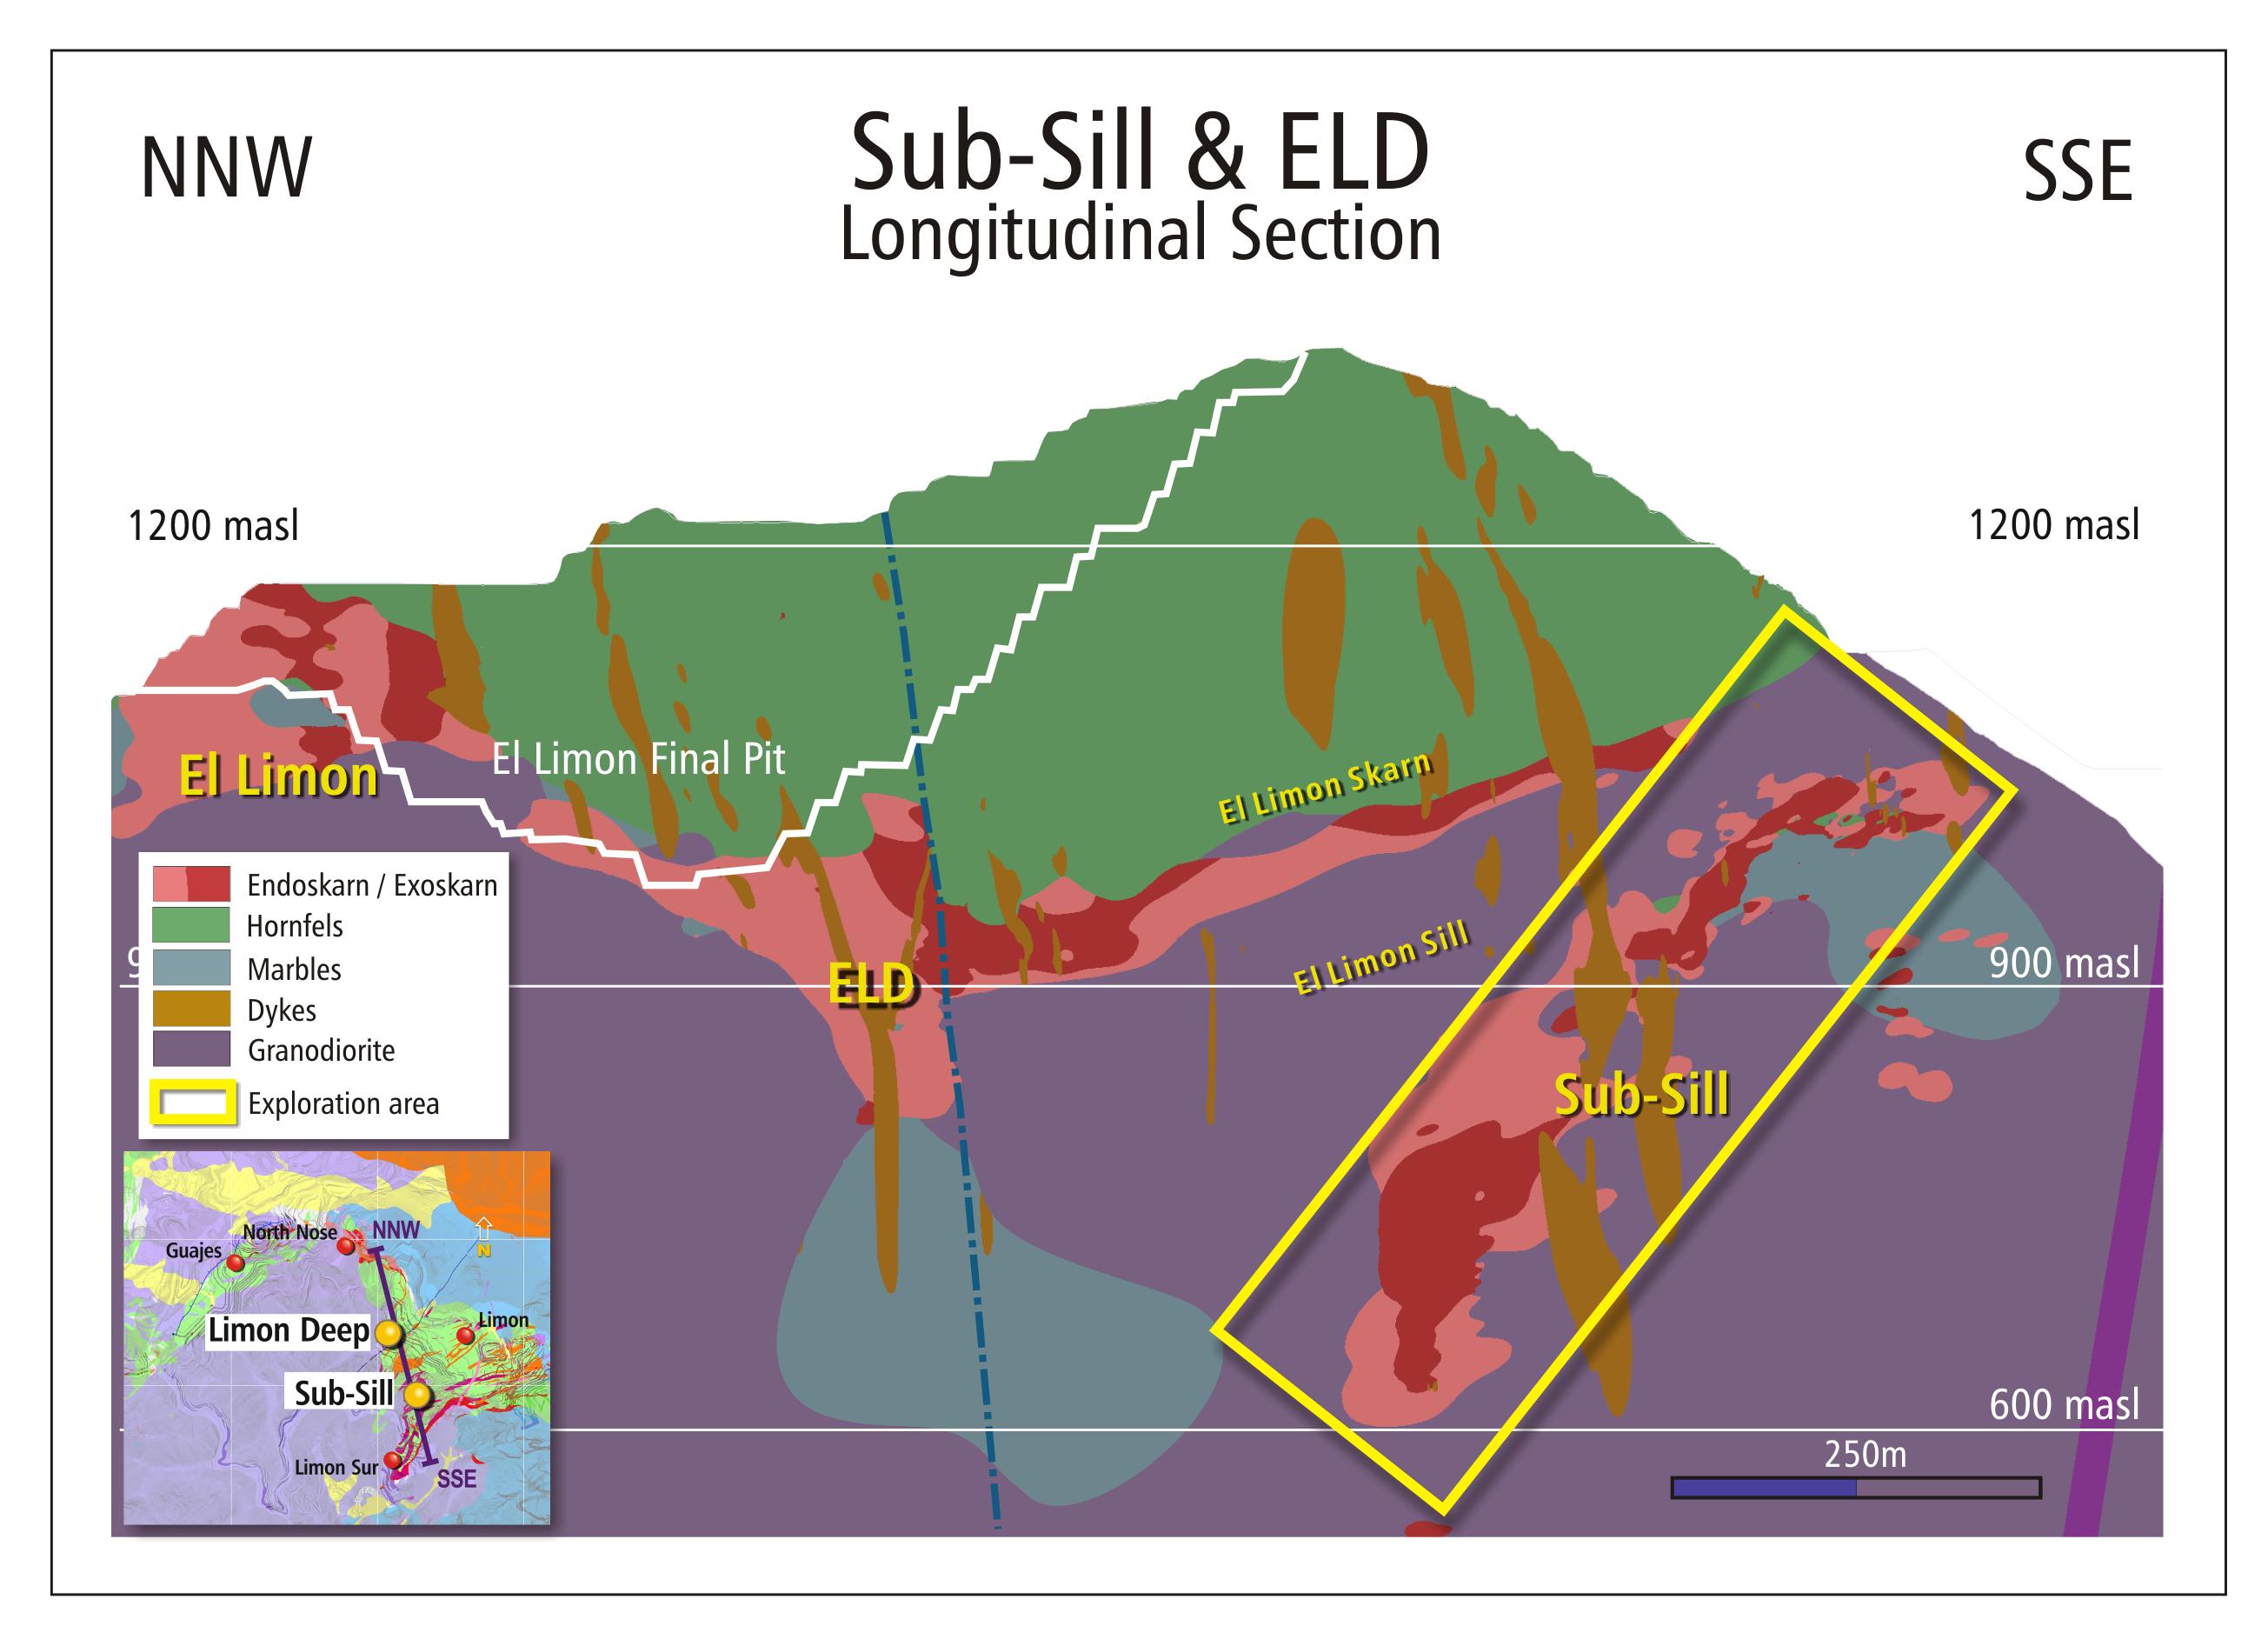 Figure 5: Longitudinal Section Across Total Deposit Area